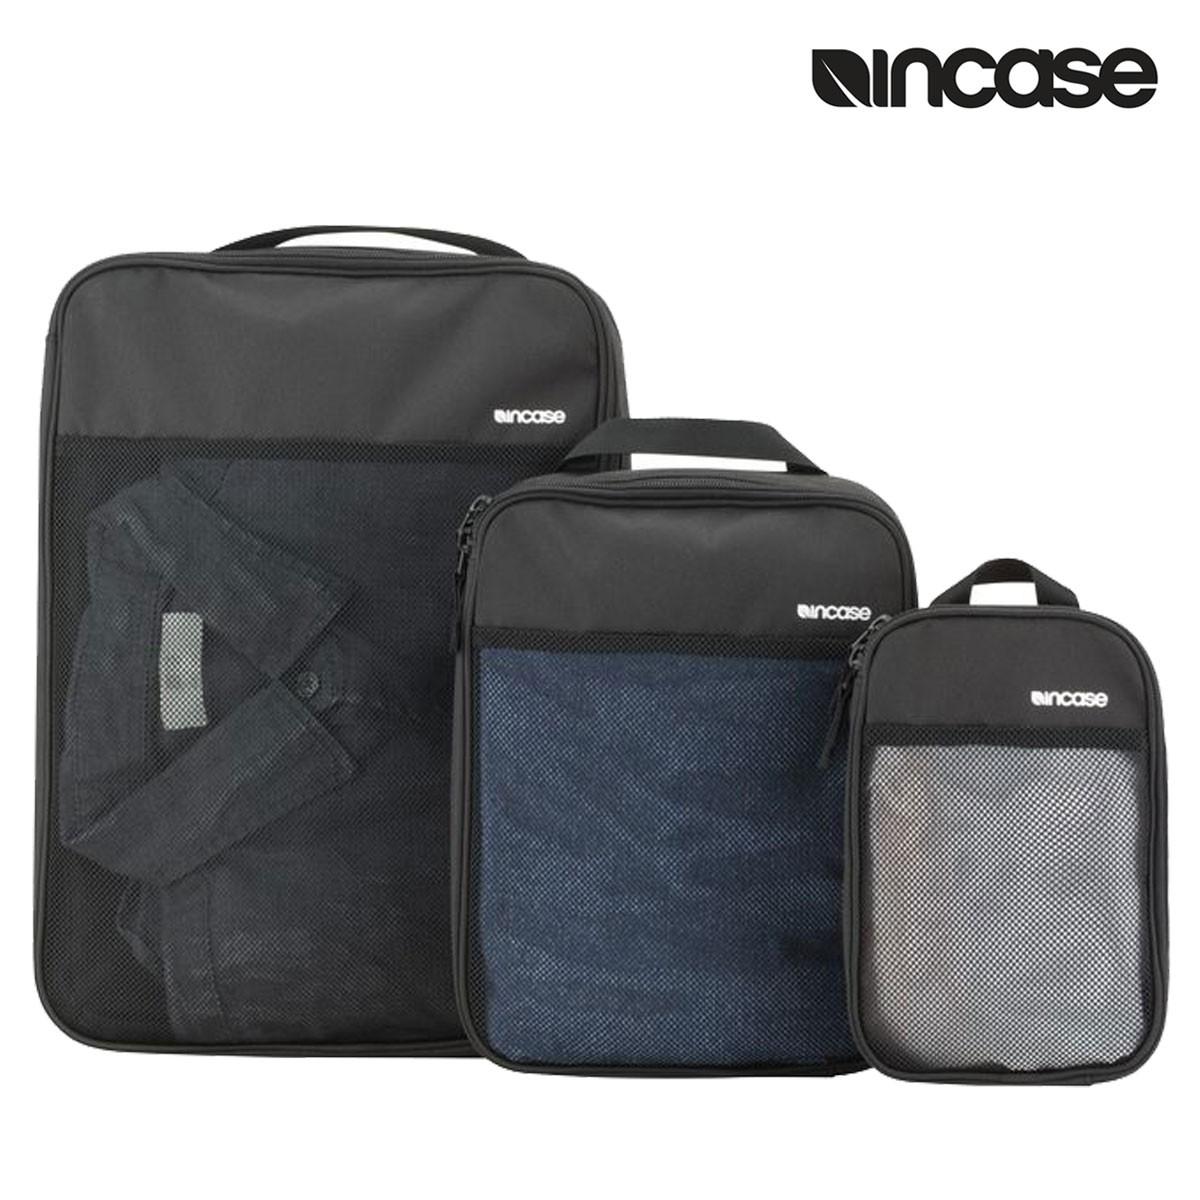 INCASE インケース バッグ インサートバッグ MODULAR MESH 3 PACK INTR400179 レディース メンズ ブラック [4/11 新入荷]